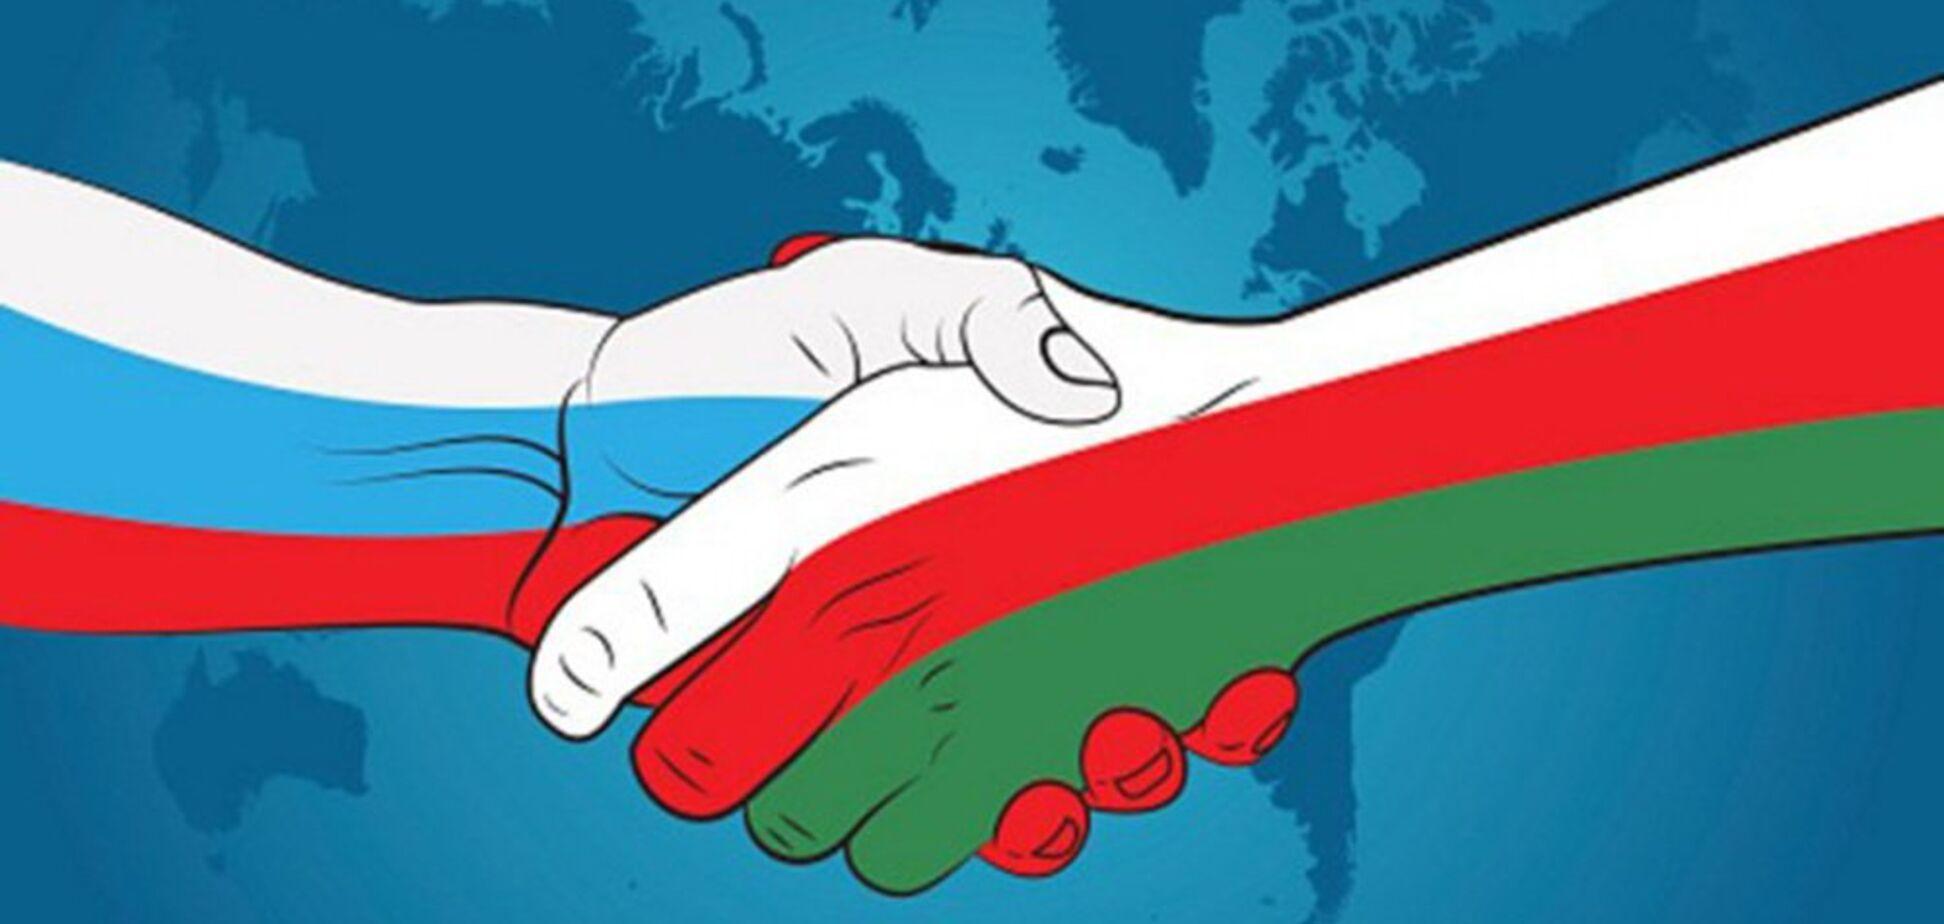 'Озабоченные' Украиной: почему Венгрия и Россия запели в унисон